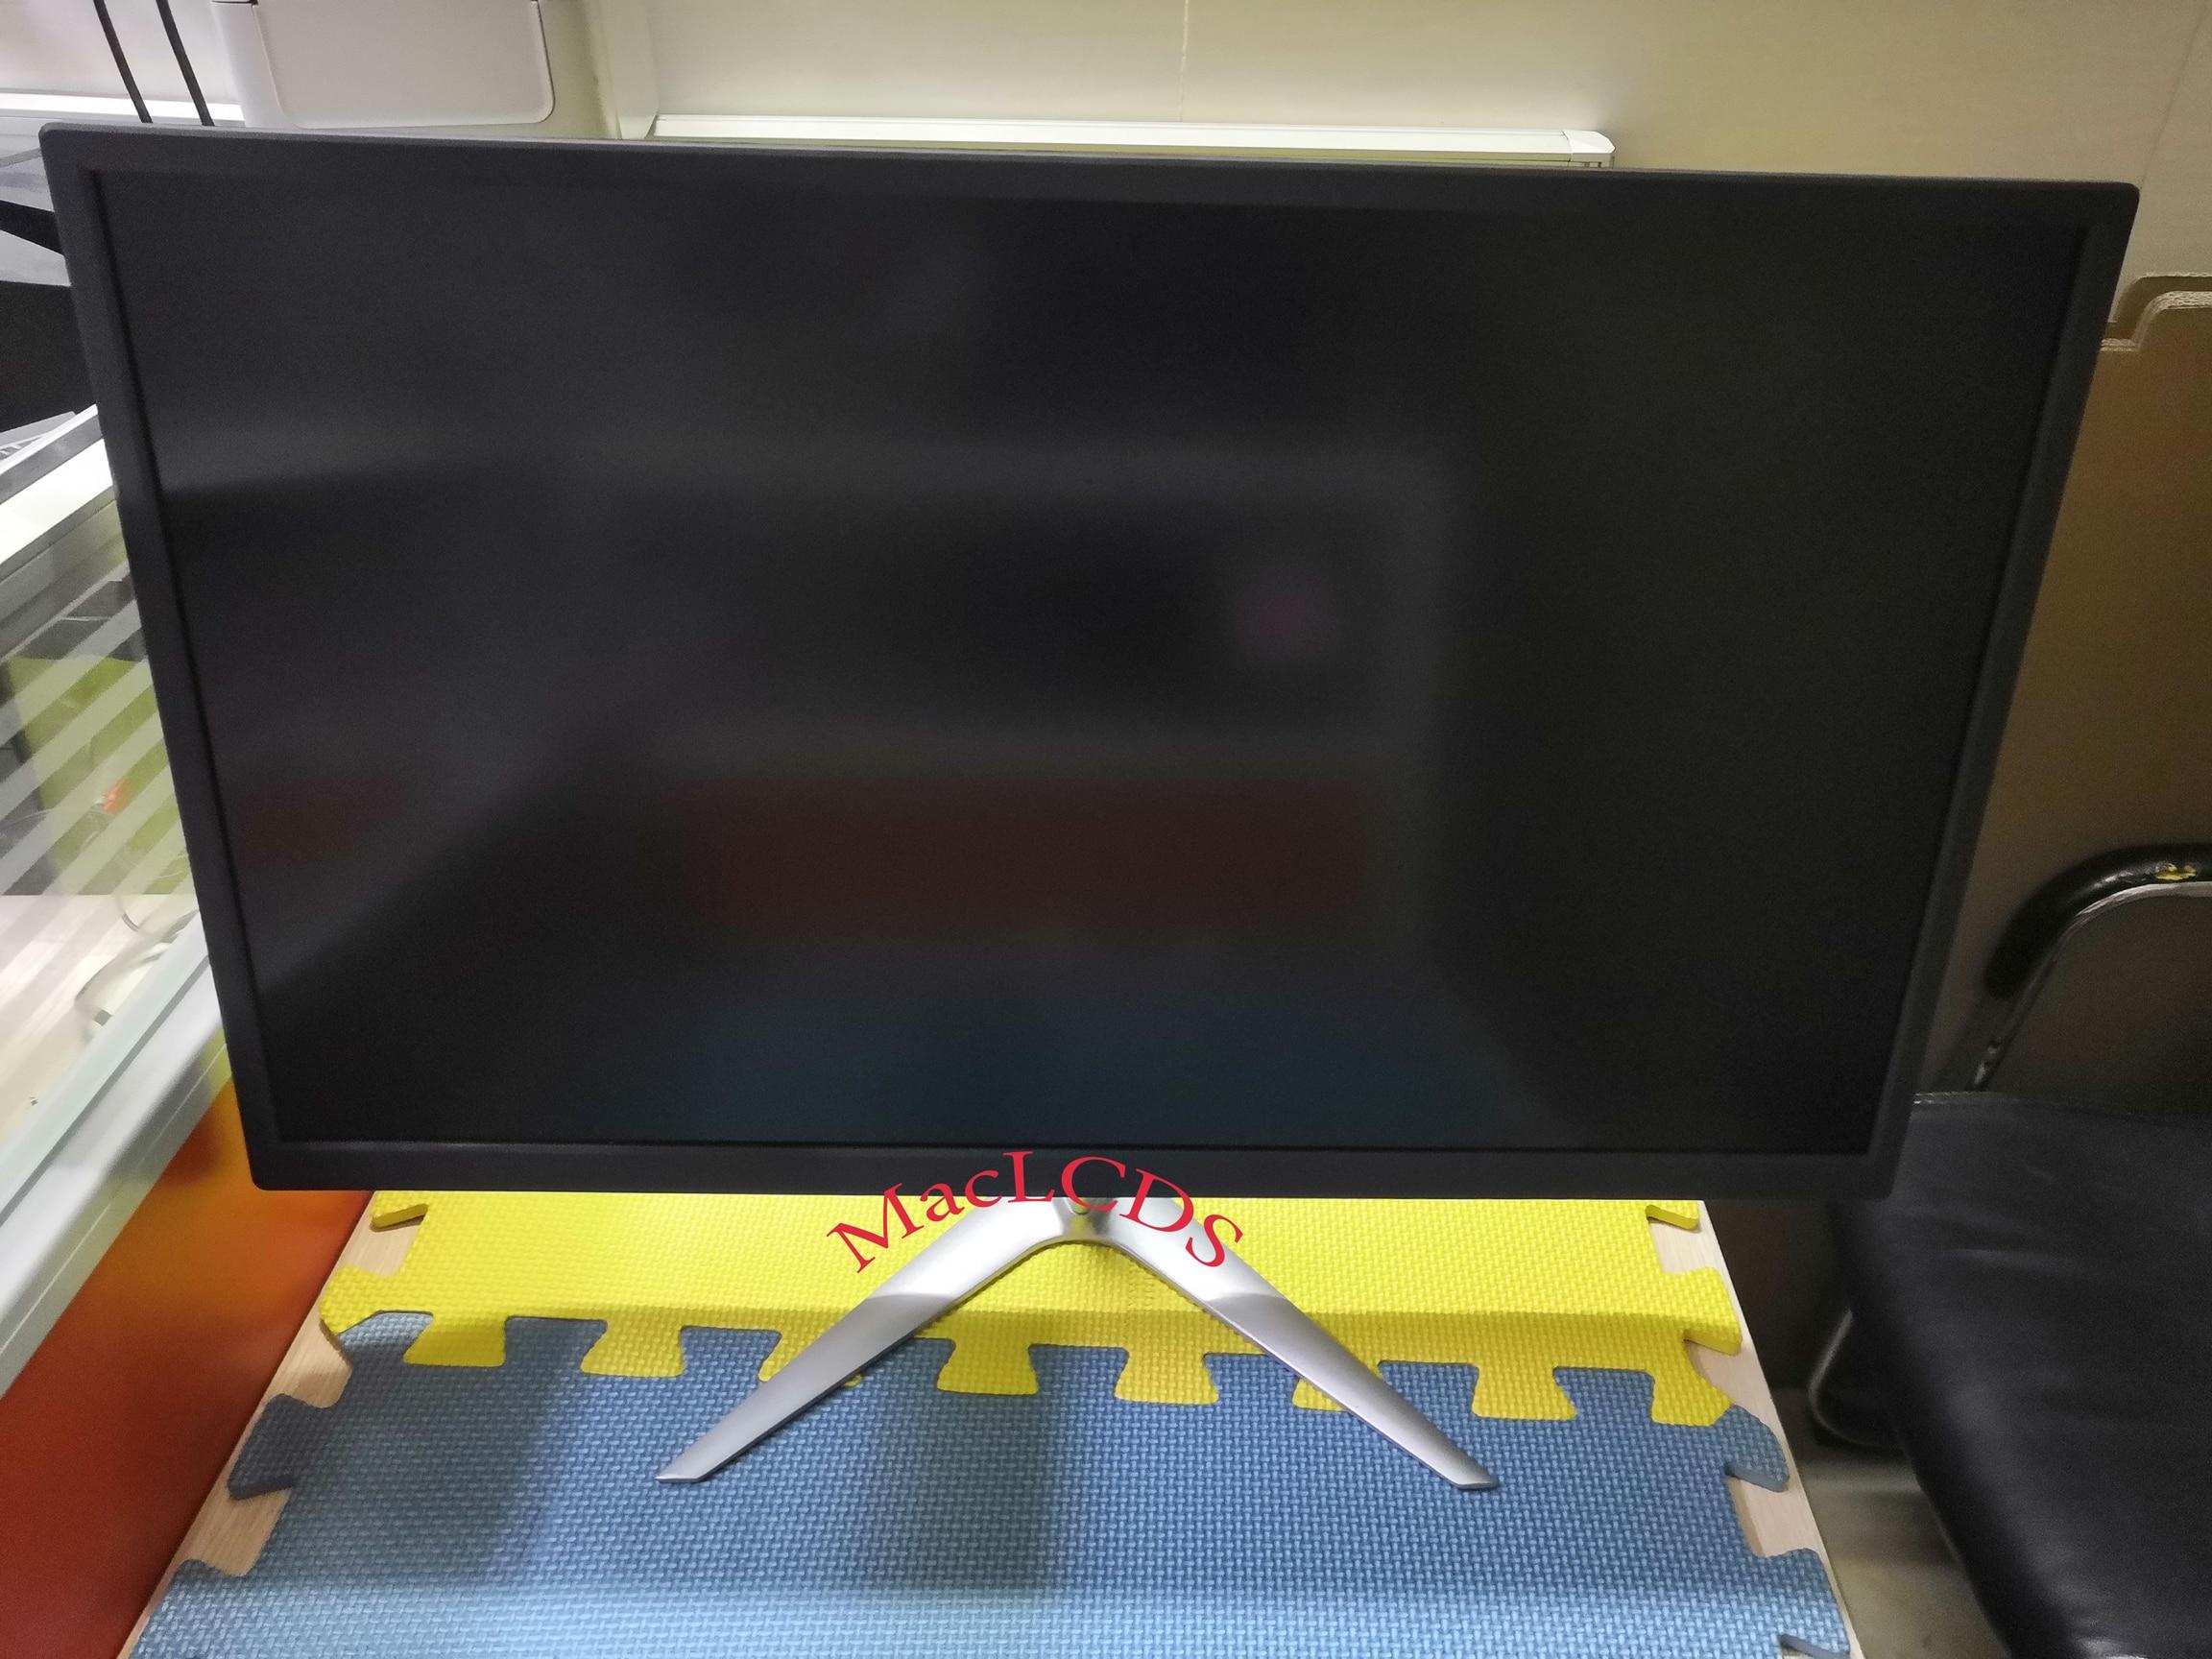 Pantalla LCD IPS 4K 2K 144HZ con controlador para DIY 2K 4K...